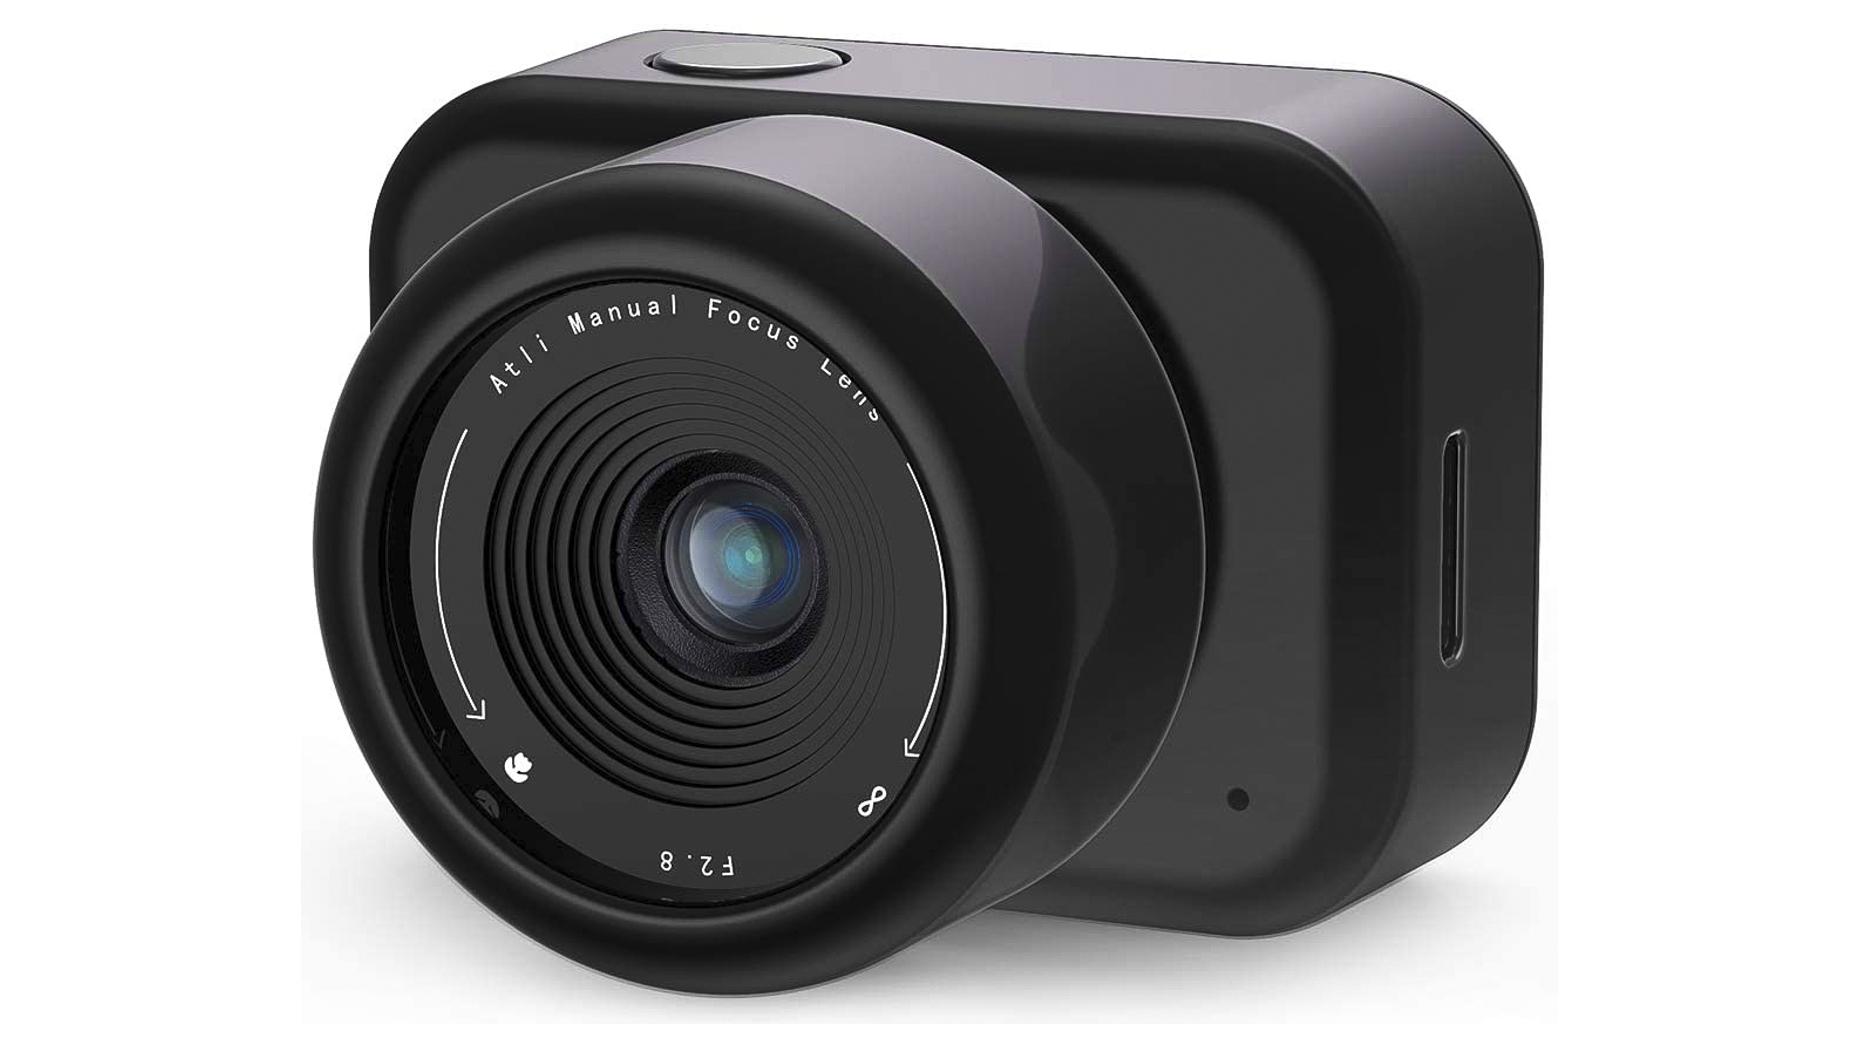 Best EON digital camera construction videos